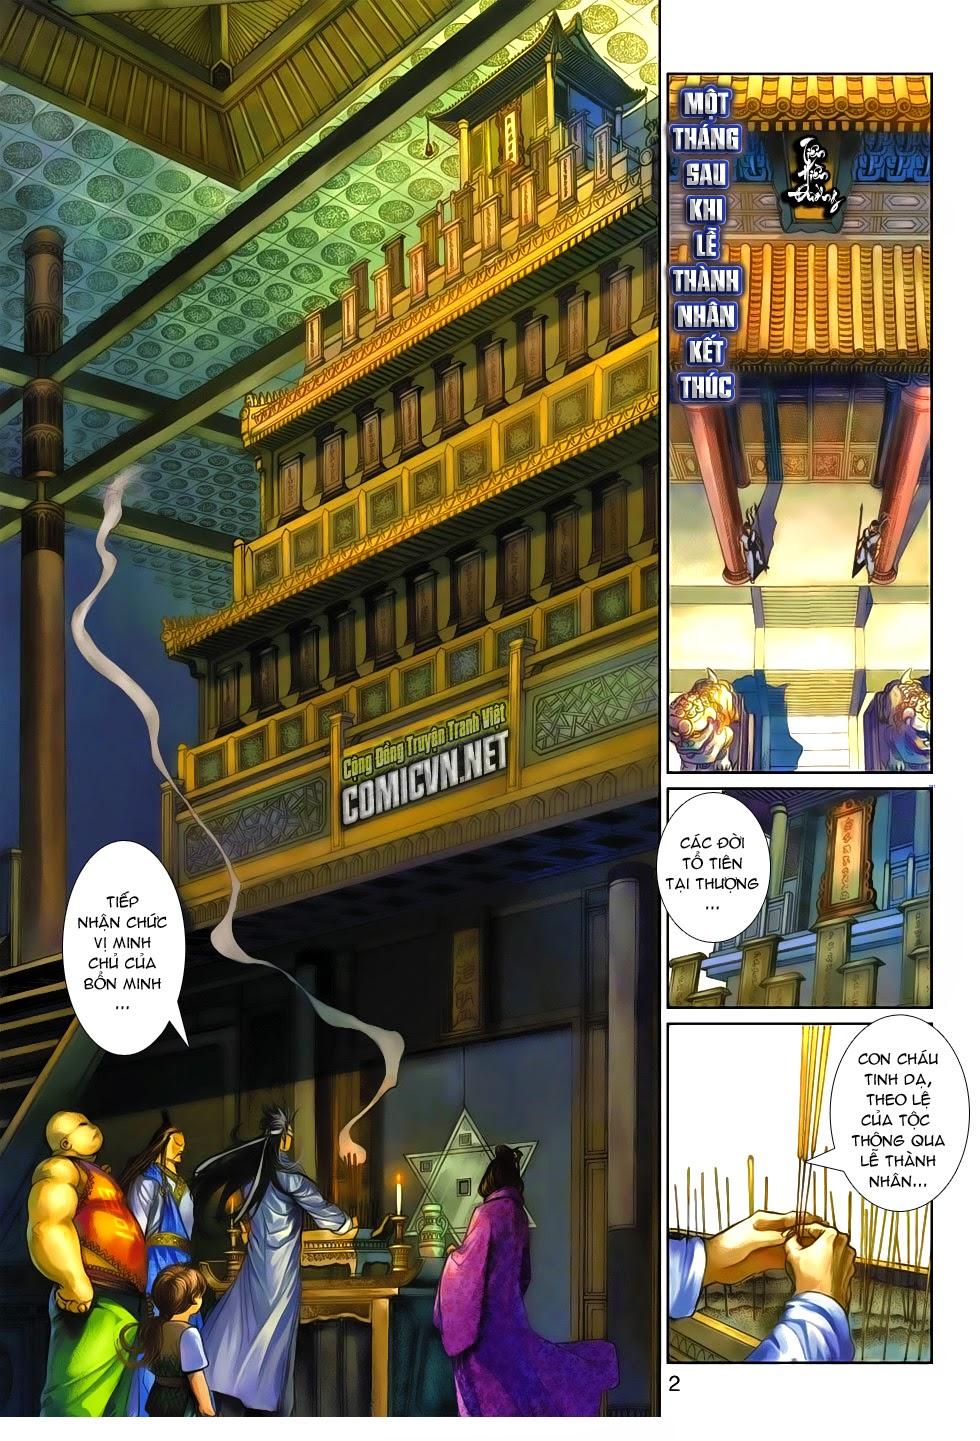 Thần Binh Tiền Truyện 4 - Huyền Thiên Tà Đế chap 10 - Trang 2